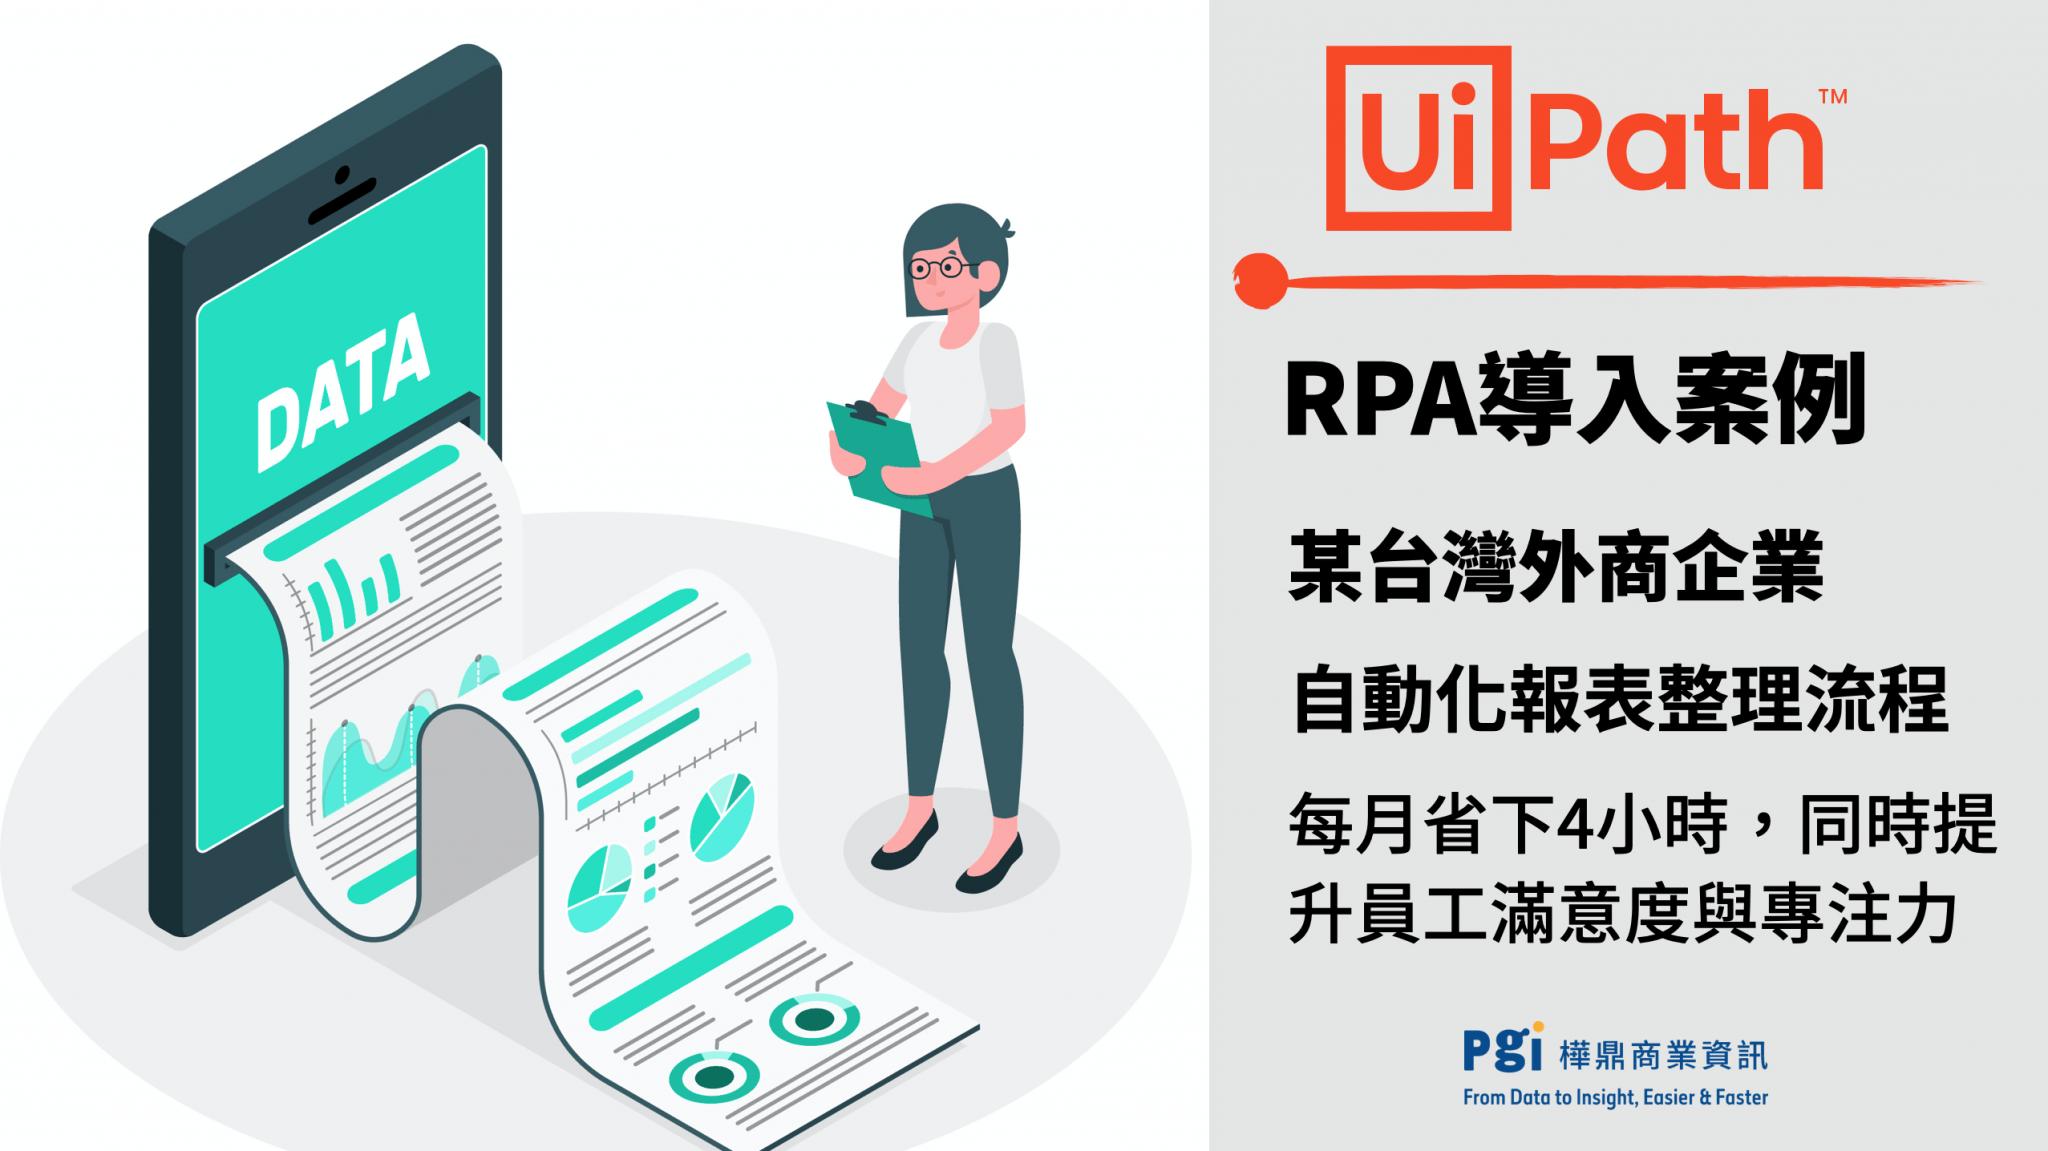 台灣企業導入UiPath案例